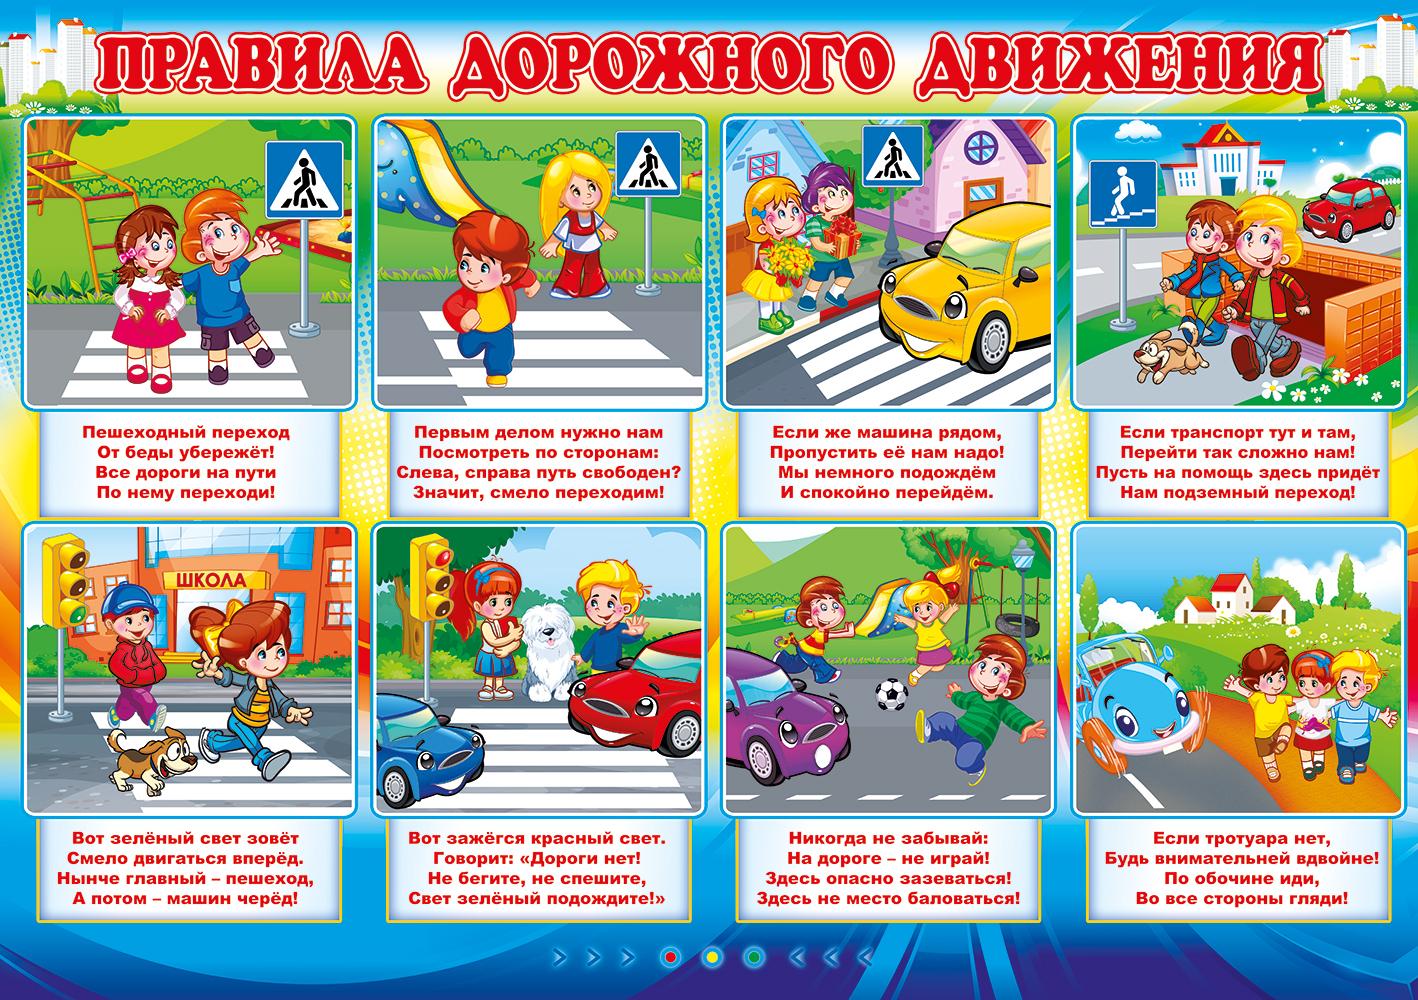 картинки по правилам дорожного движения